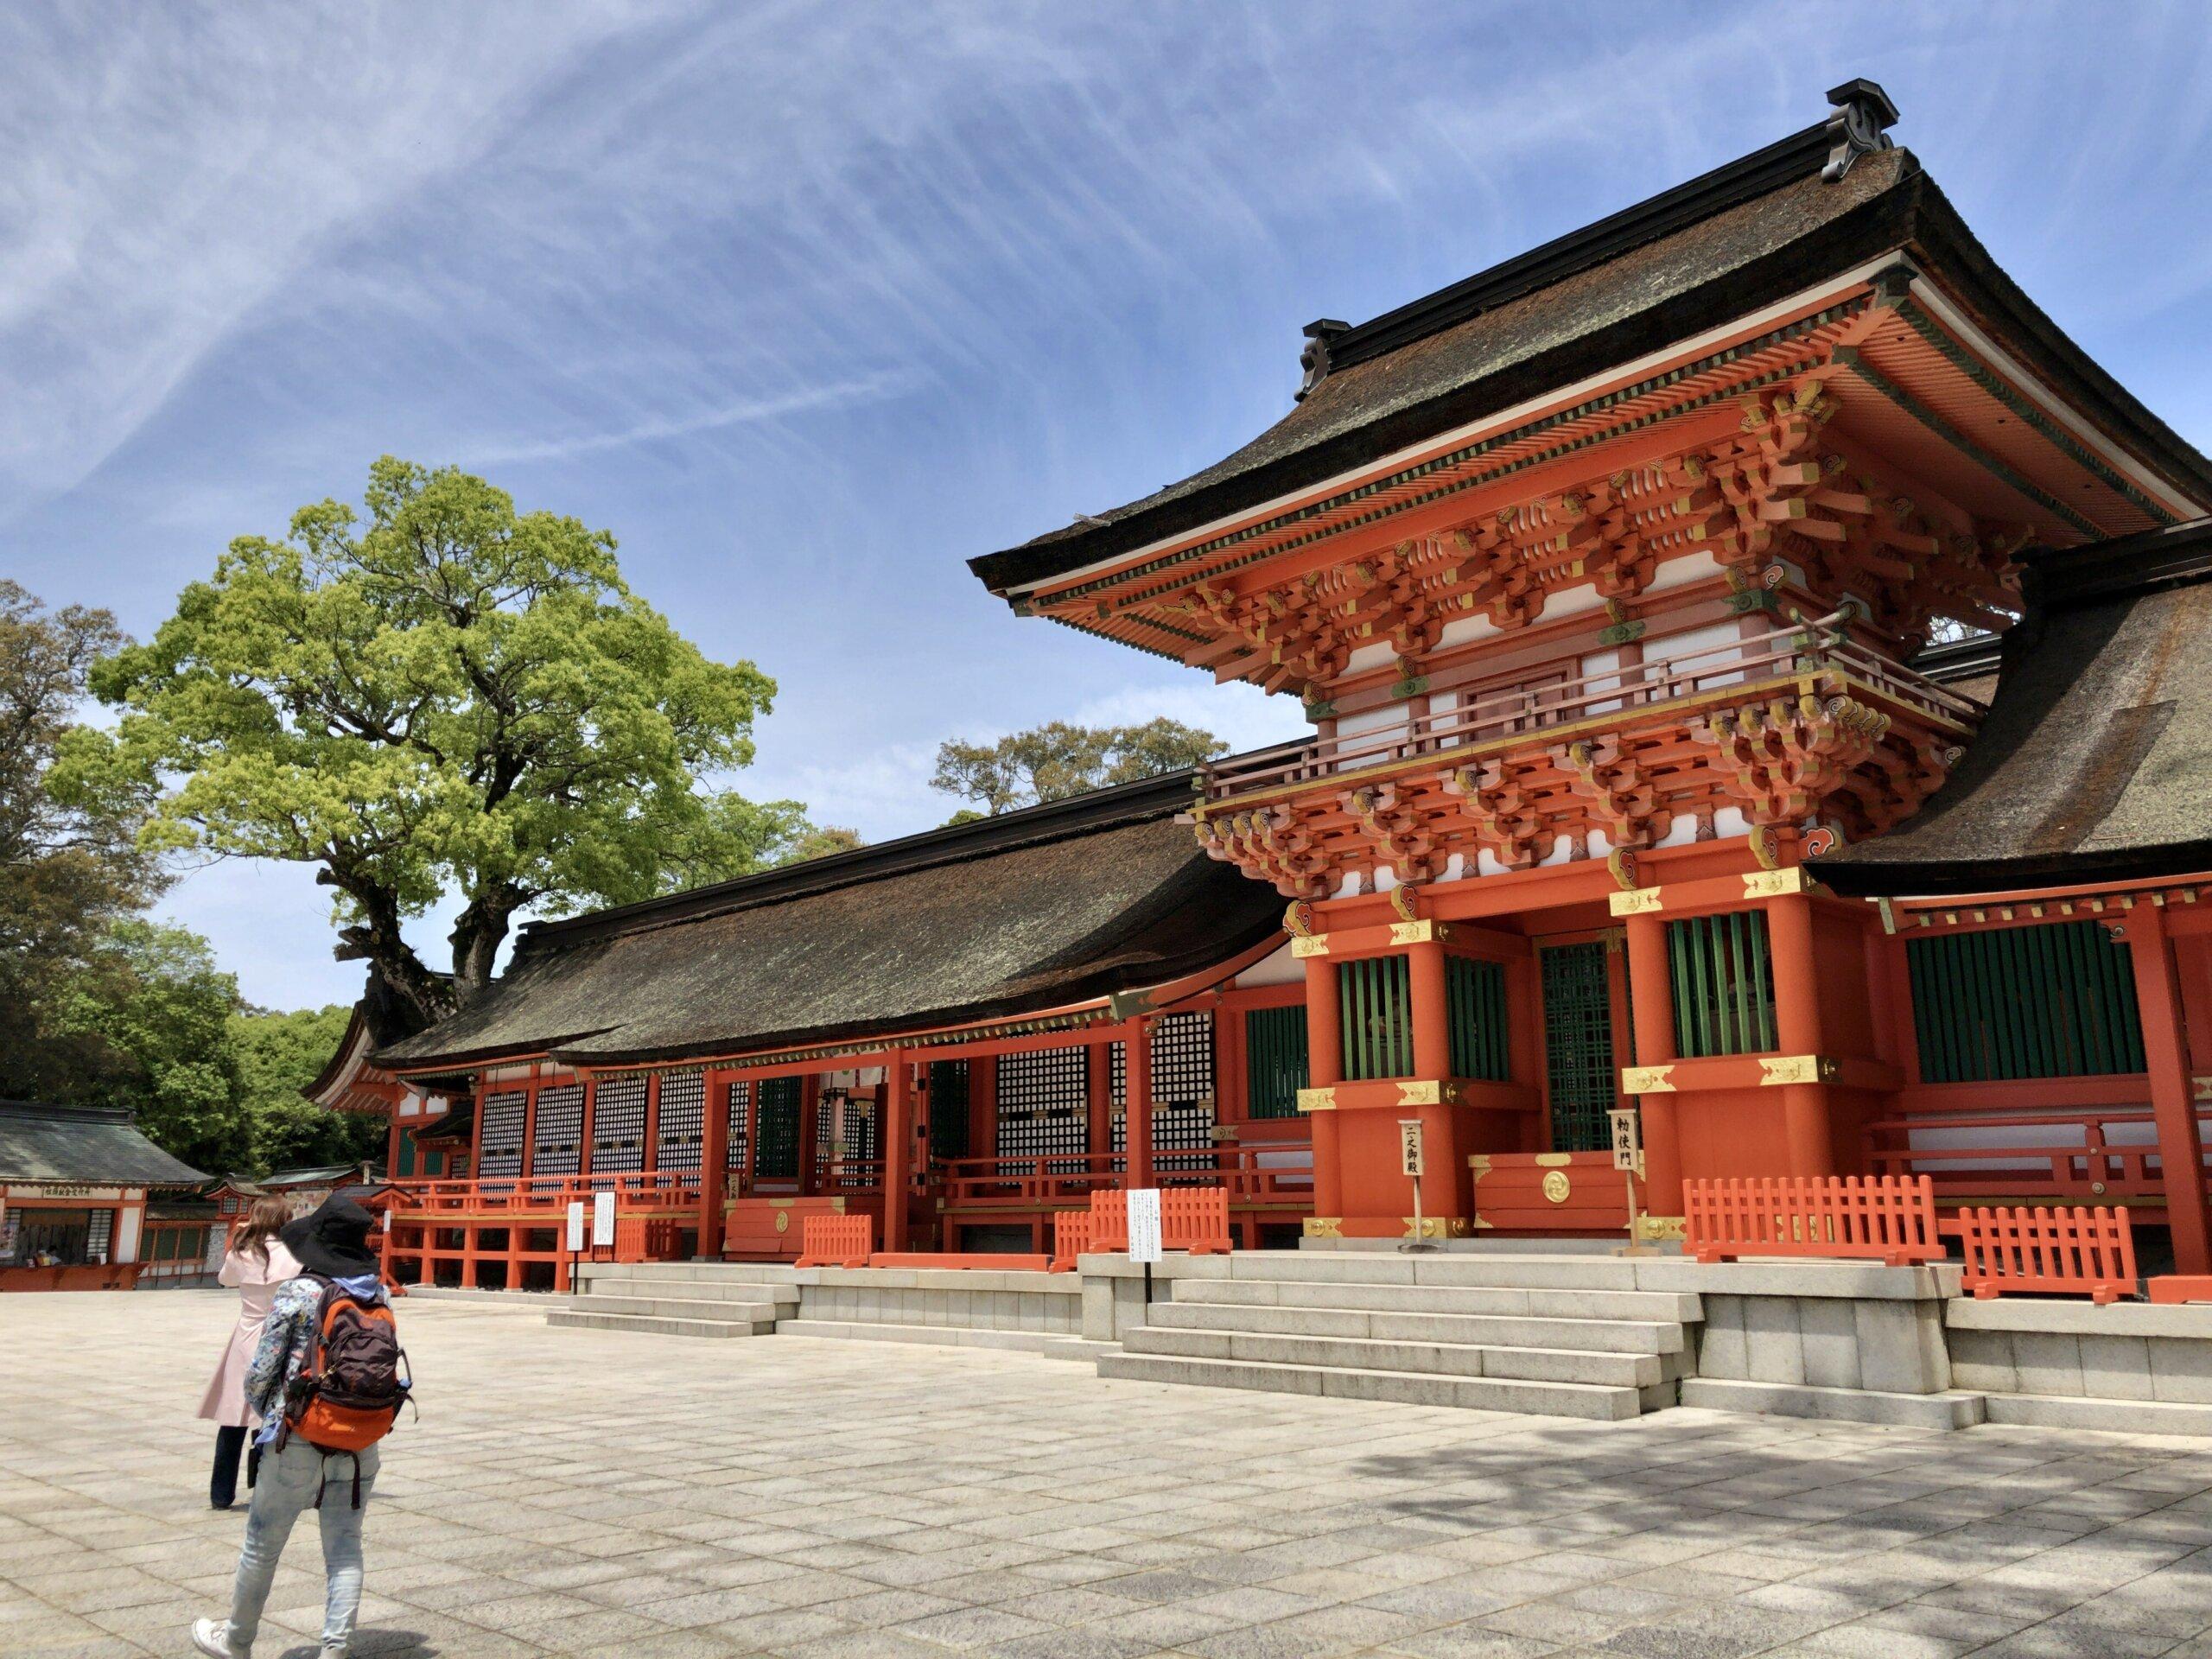 ツアー紹介:【宇佐コース】 薦神社と宇佐神宮へ参拝。お食事は宇佐竹の屋で鰻のひつまぶし♪